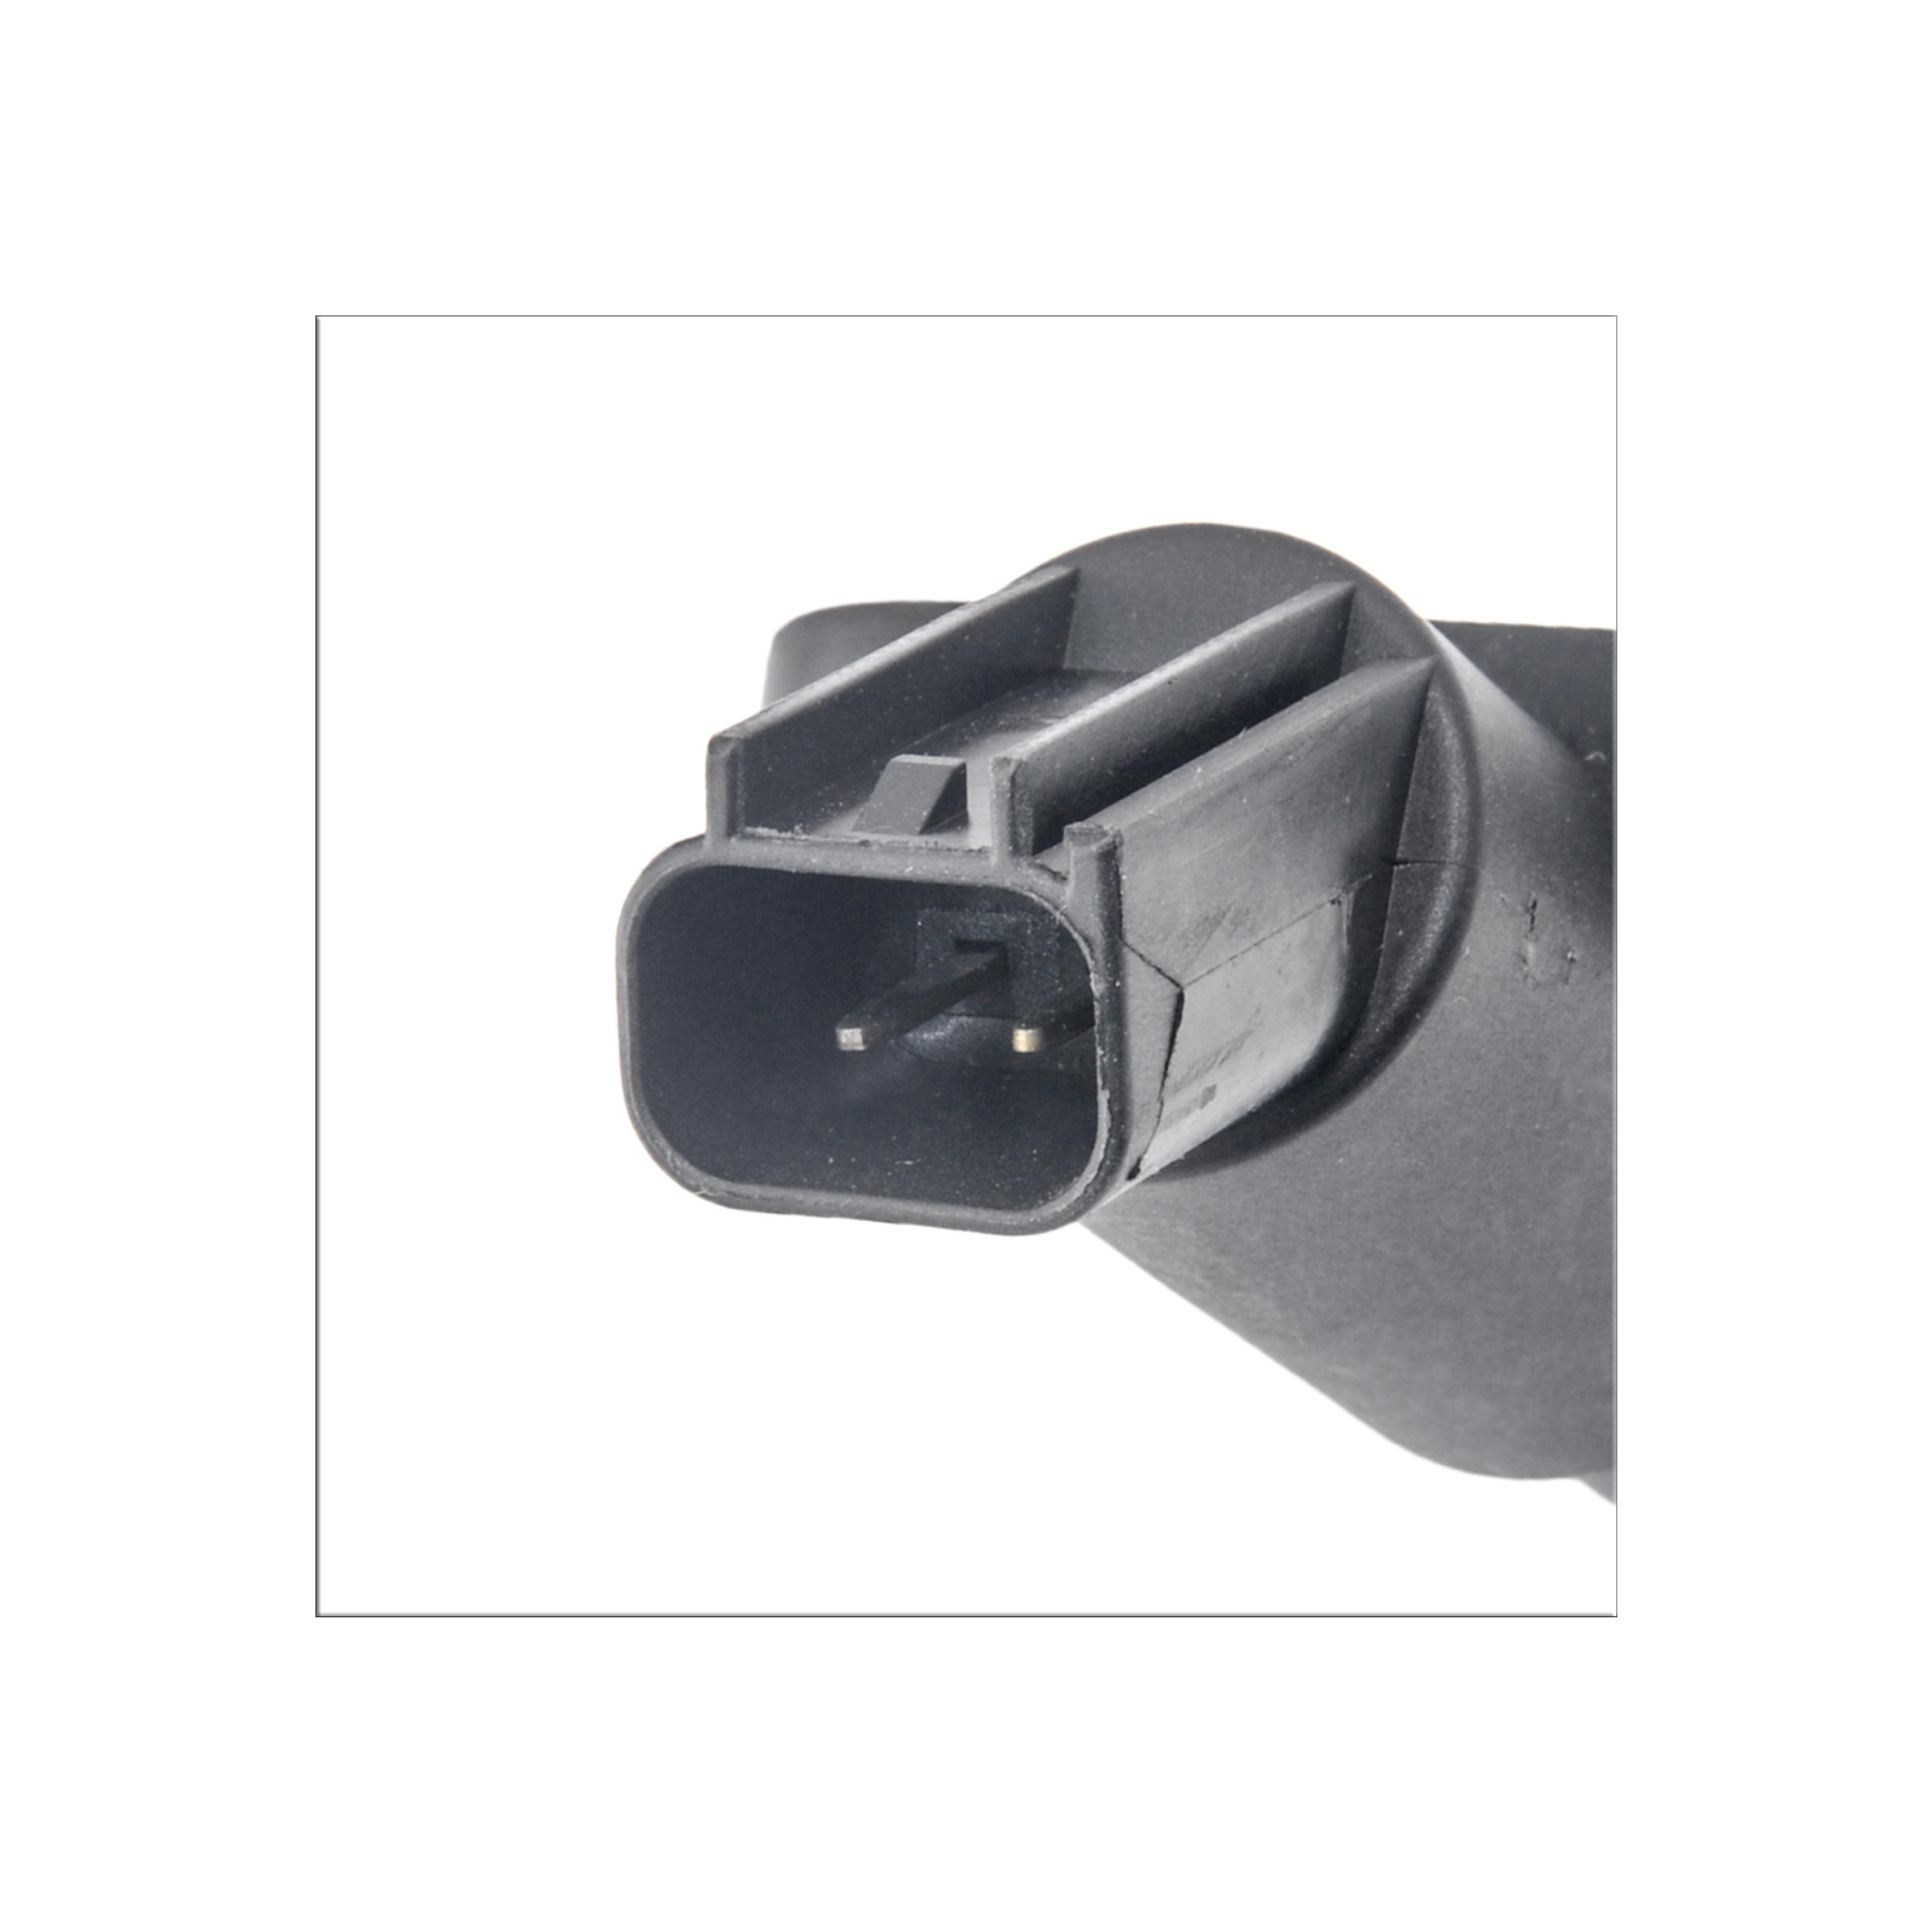 Delphi Crankshaft Sensor SS10096 For Ford Escort Focus